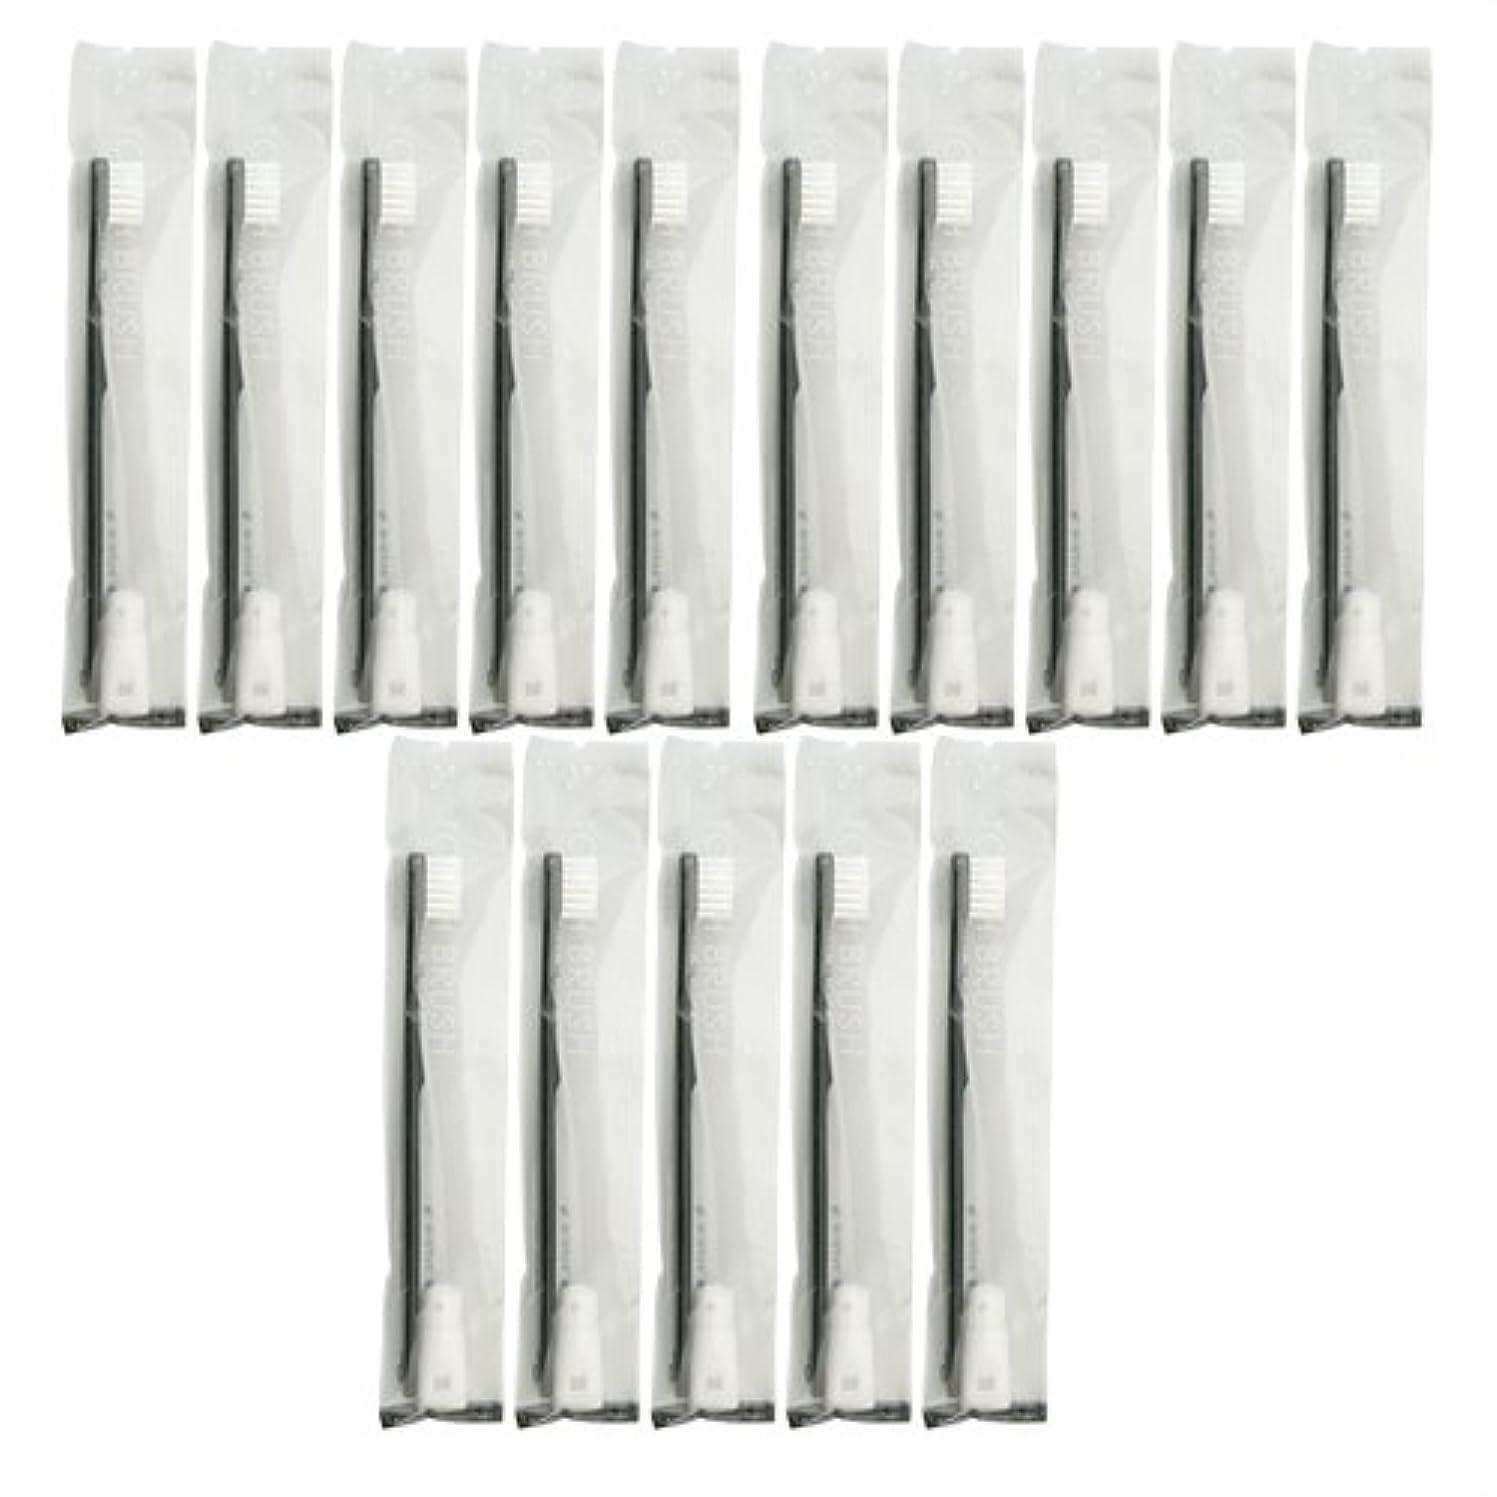 うそつきコンデンサーフットボール業務用 使い捨て歯ブラシ チューブ歯磨き粉(3g)付き ブラック 15本セット│ホテルアメニティ 個包装タイプ